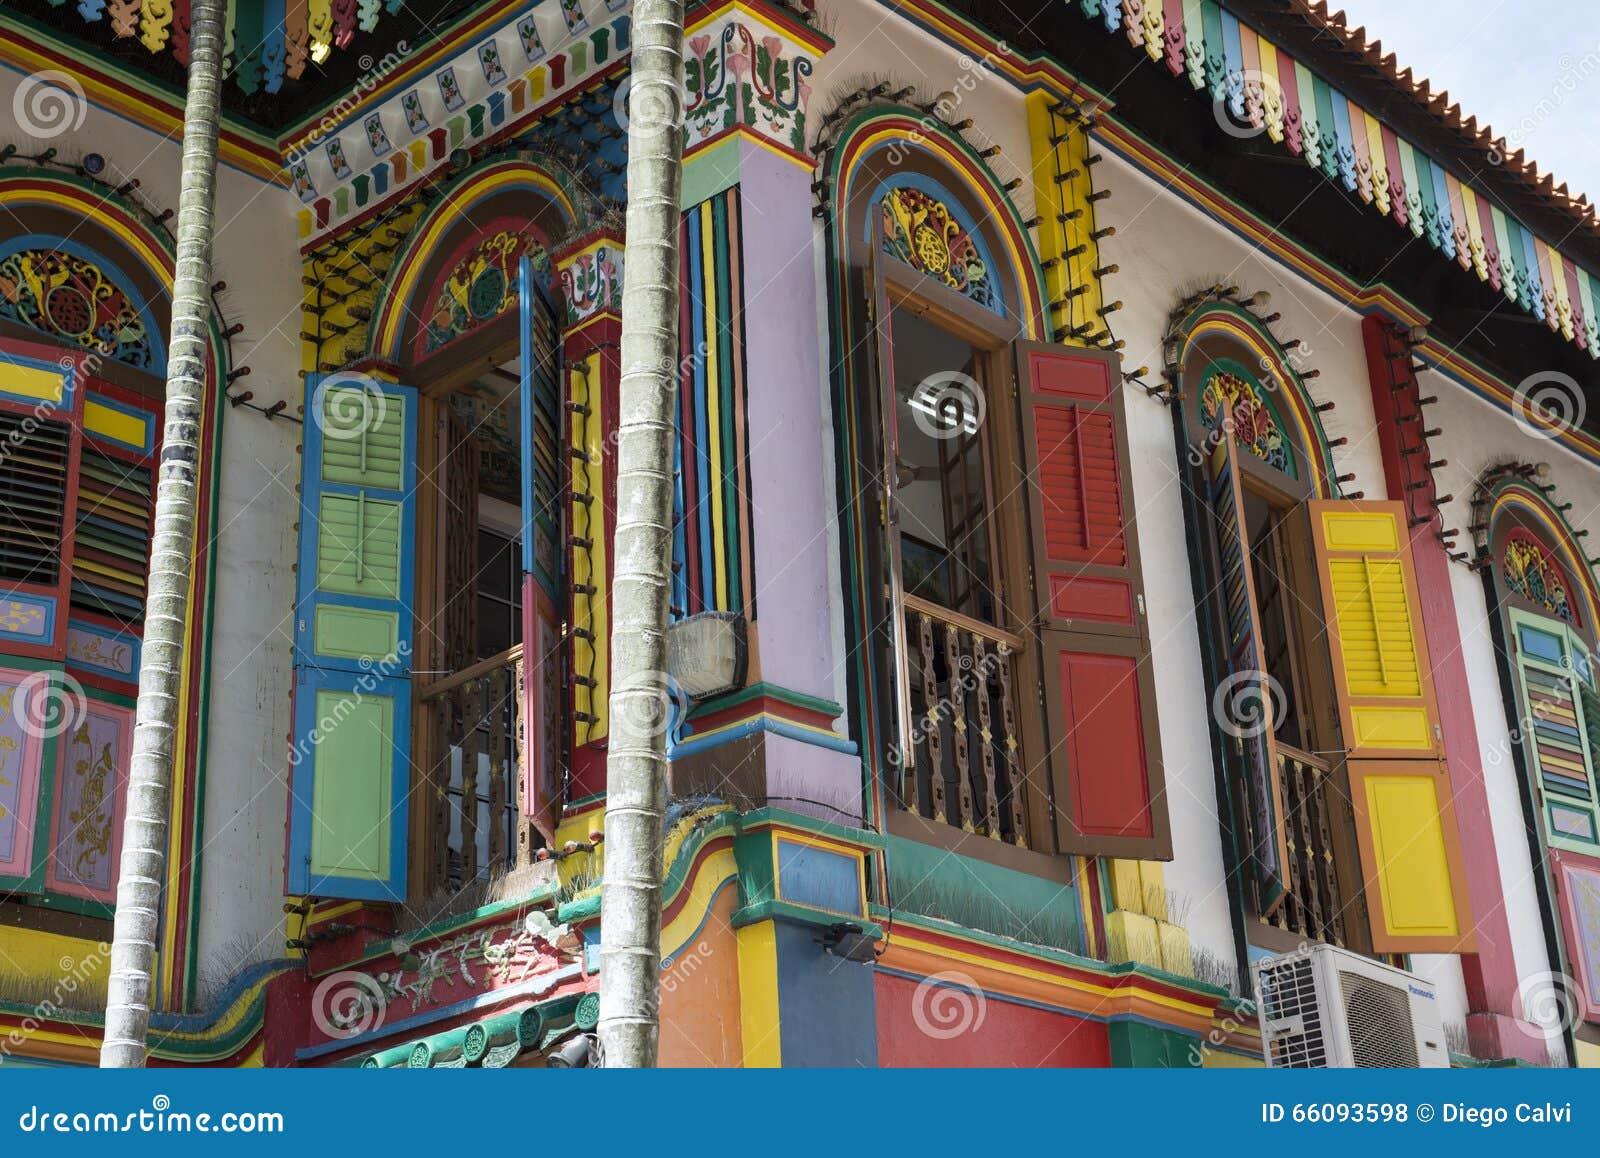 calles coloridas indias del edificio en la ciudad de singapur foto de archivo